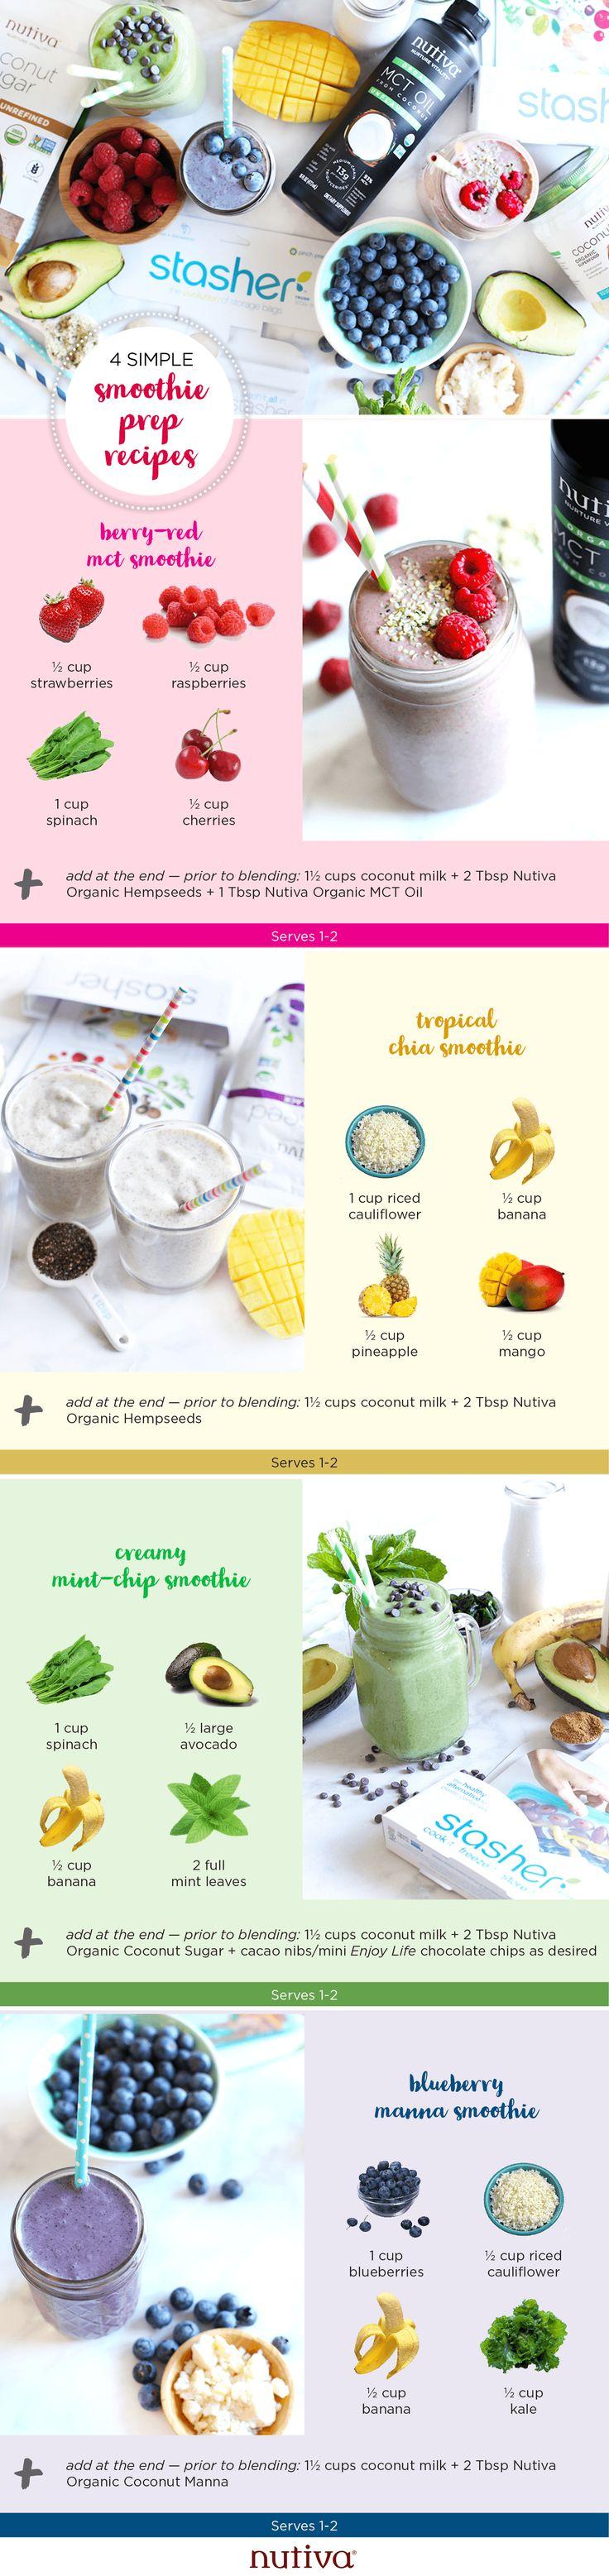 4 Simple Smoothie Prep Recipes #smoothie #recipes